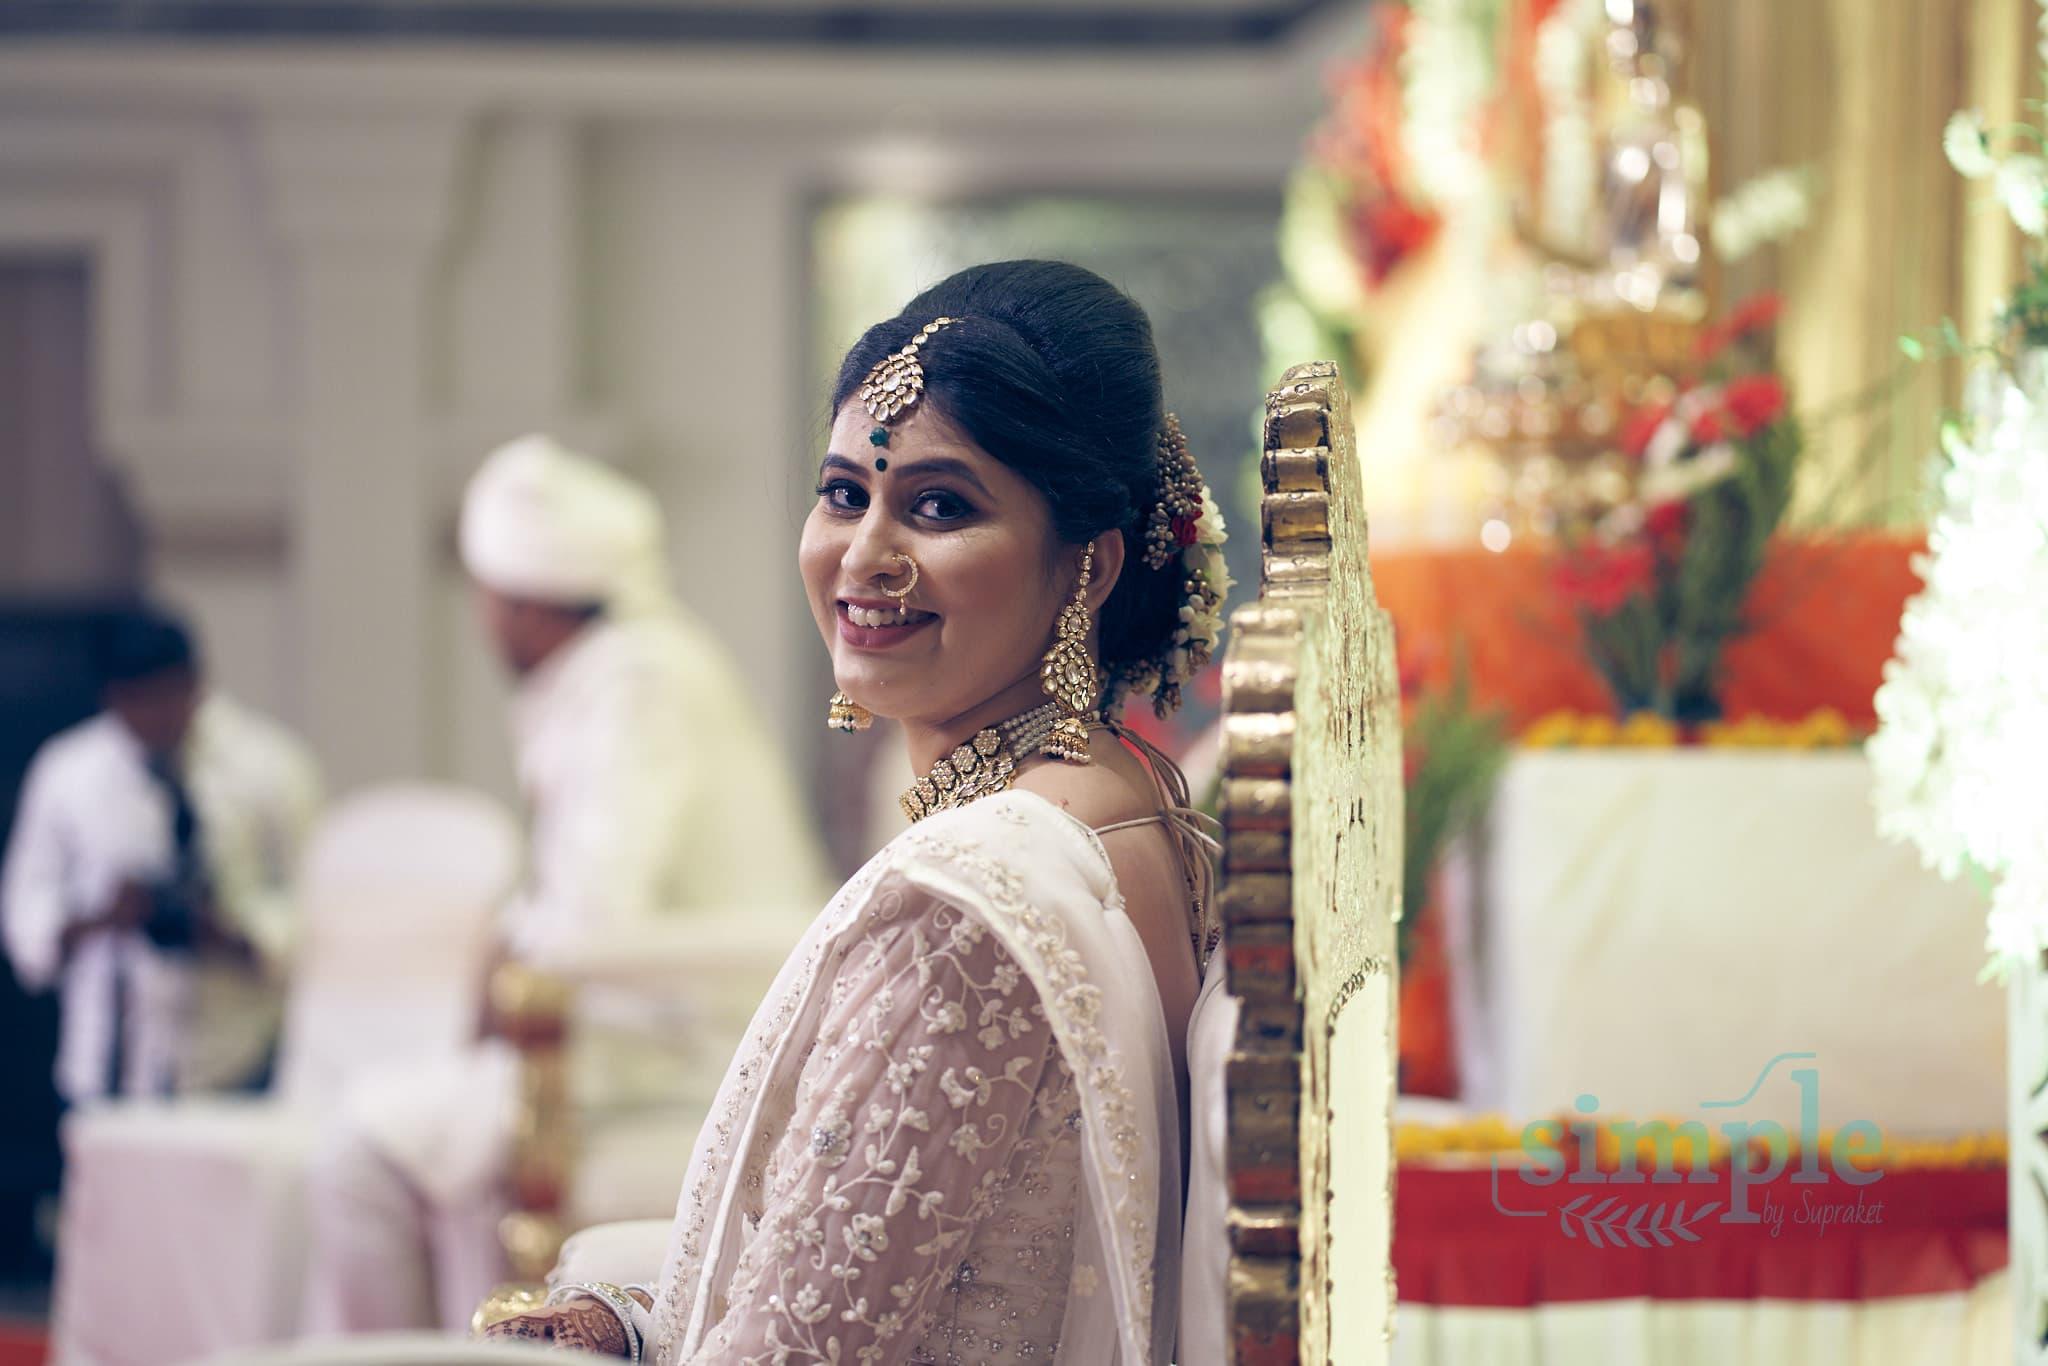 Shriya_Saurabh_16th_June_Tuli_Nagpur_09